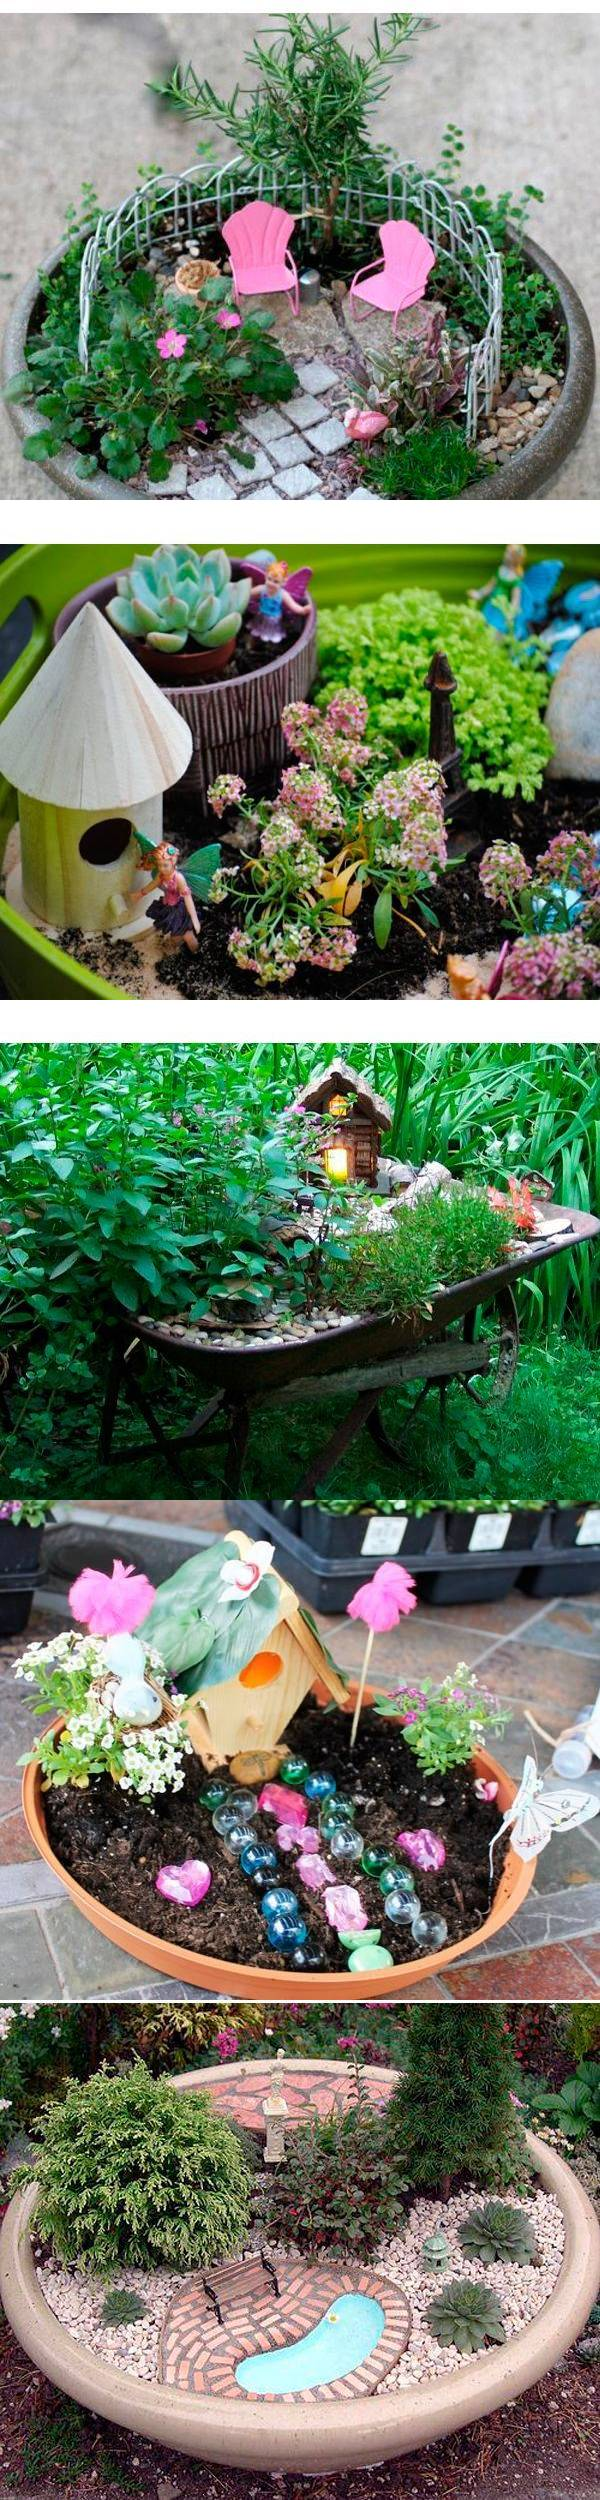 Оригинальные мини-сады — 30 идей